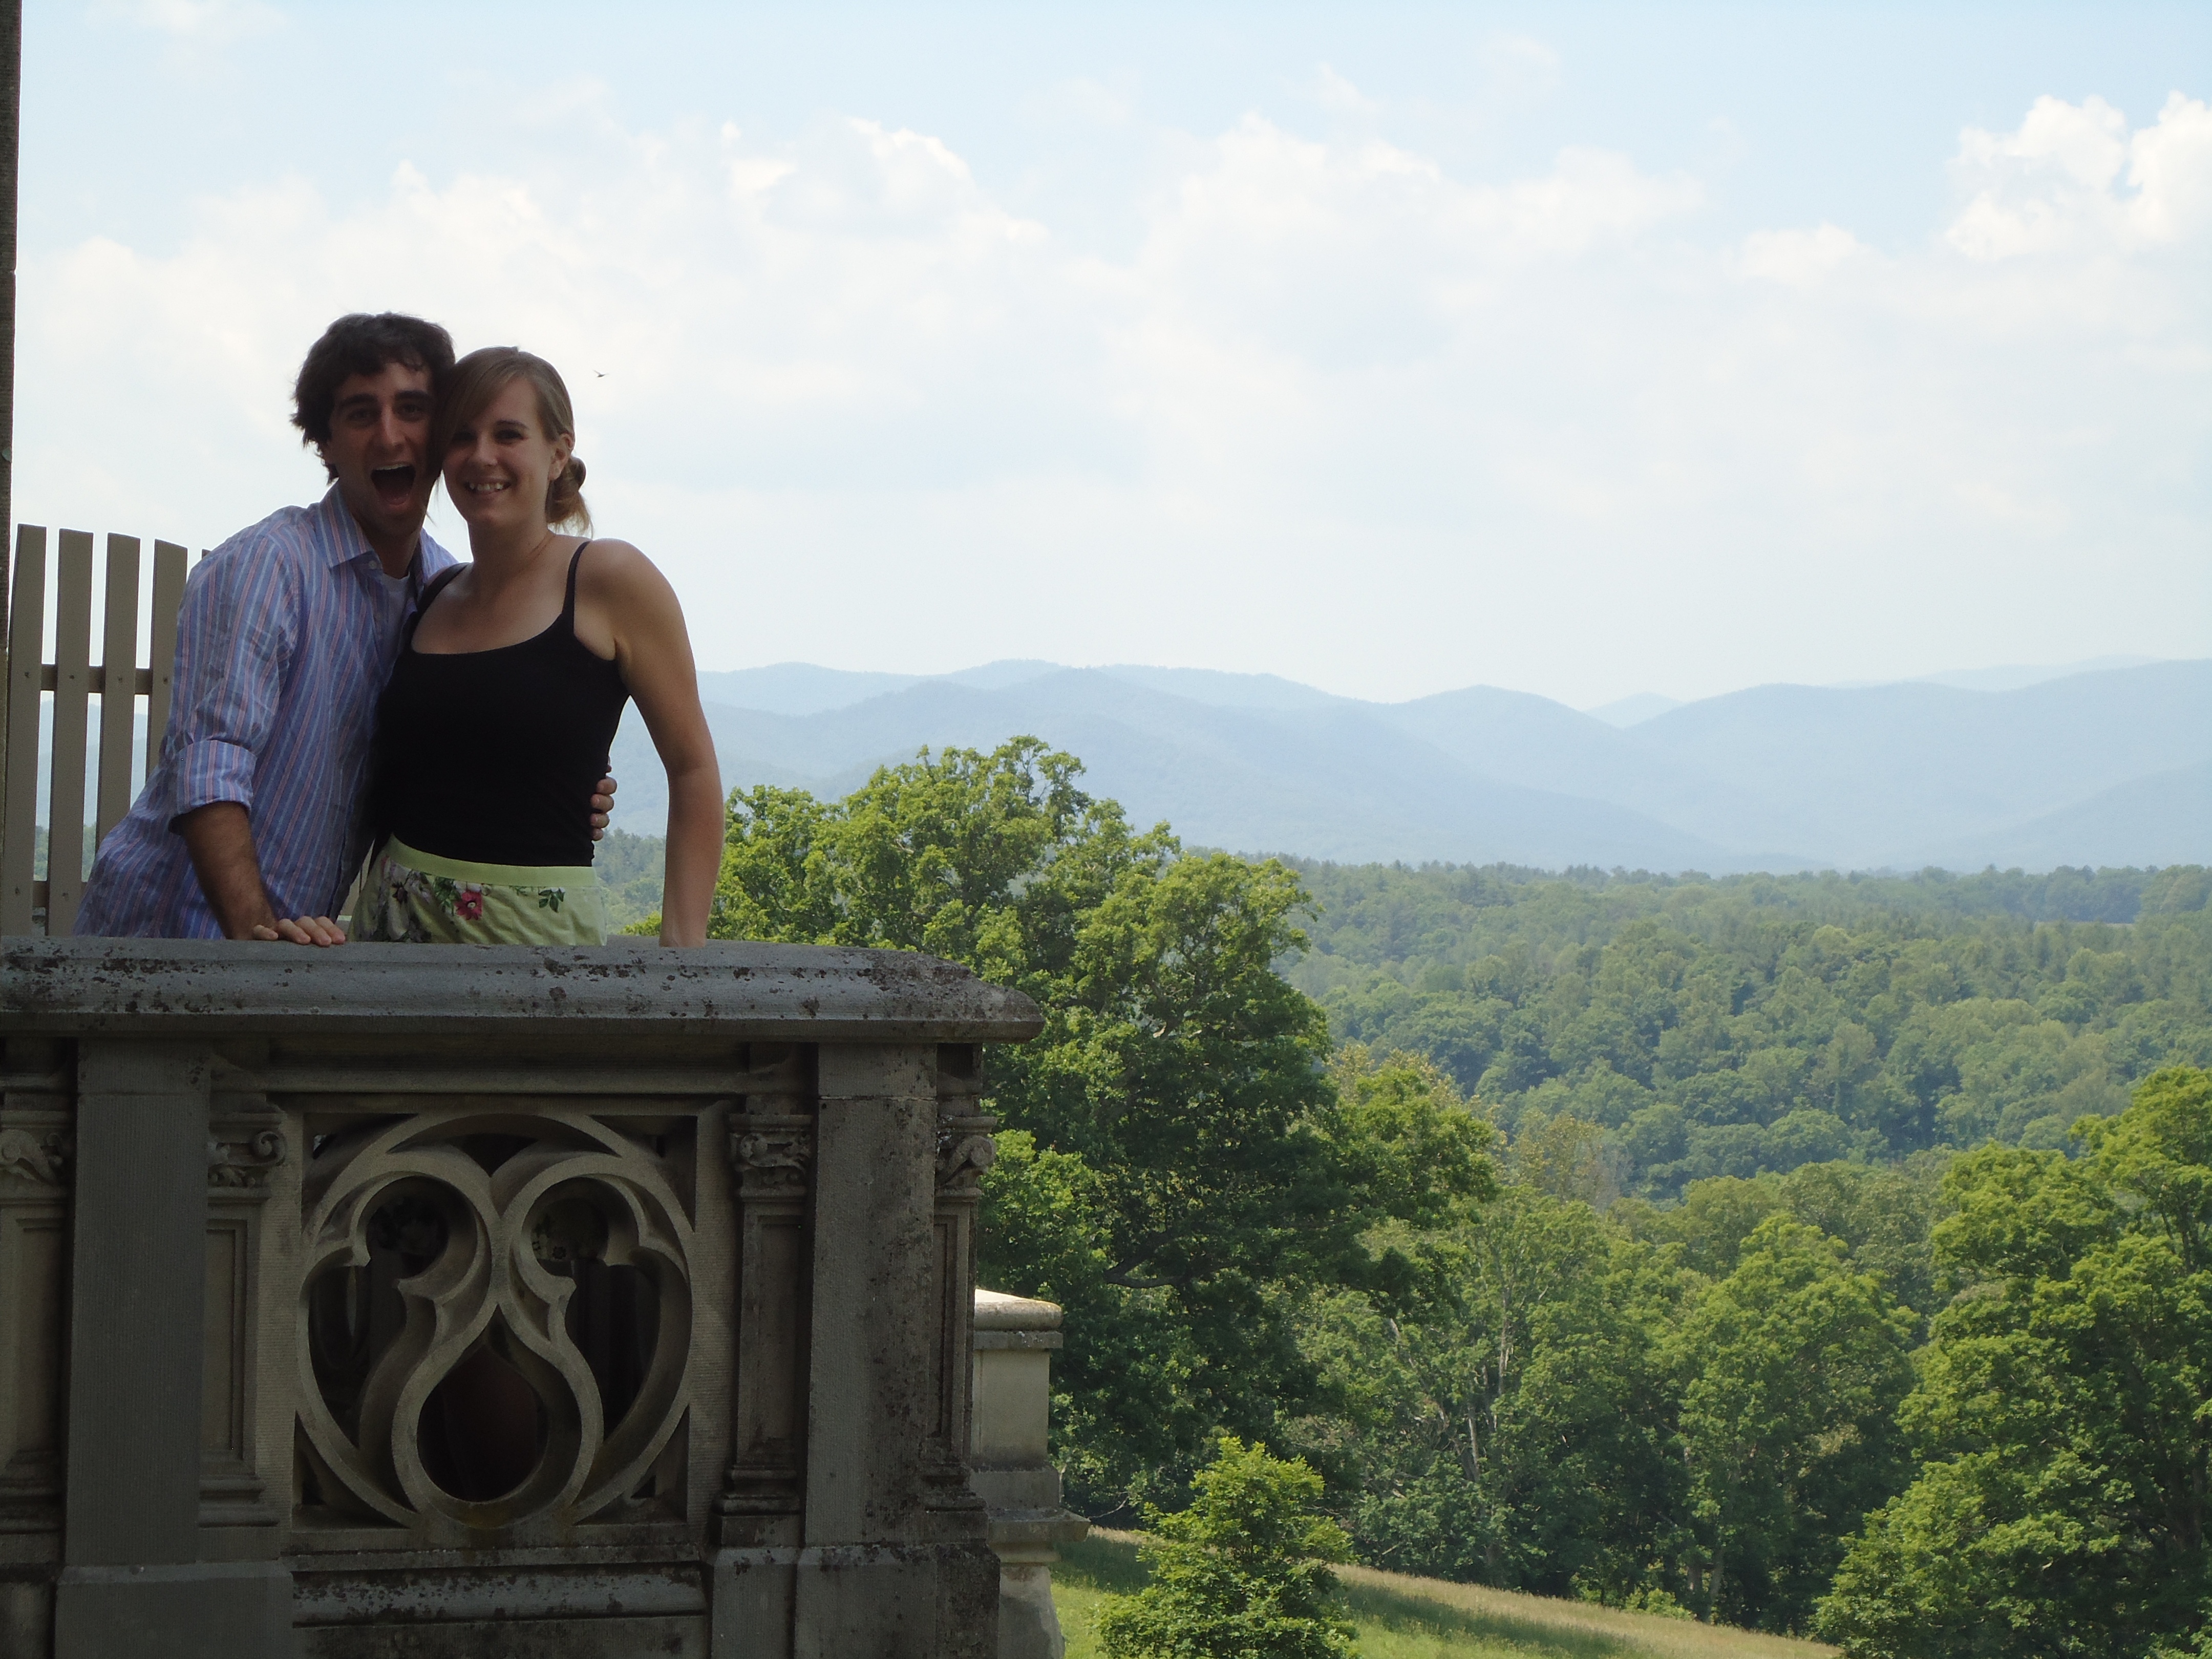 A Cruising Couple, Biltmore, Asheville